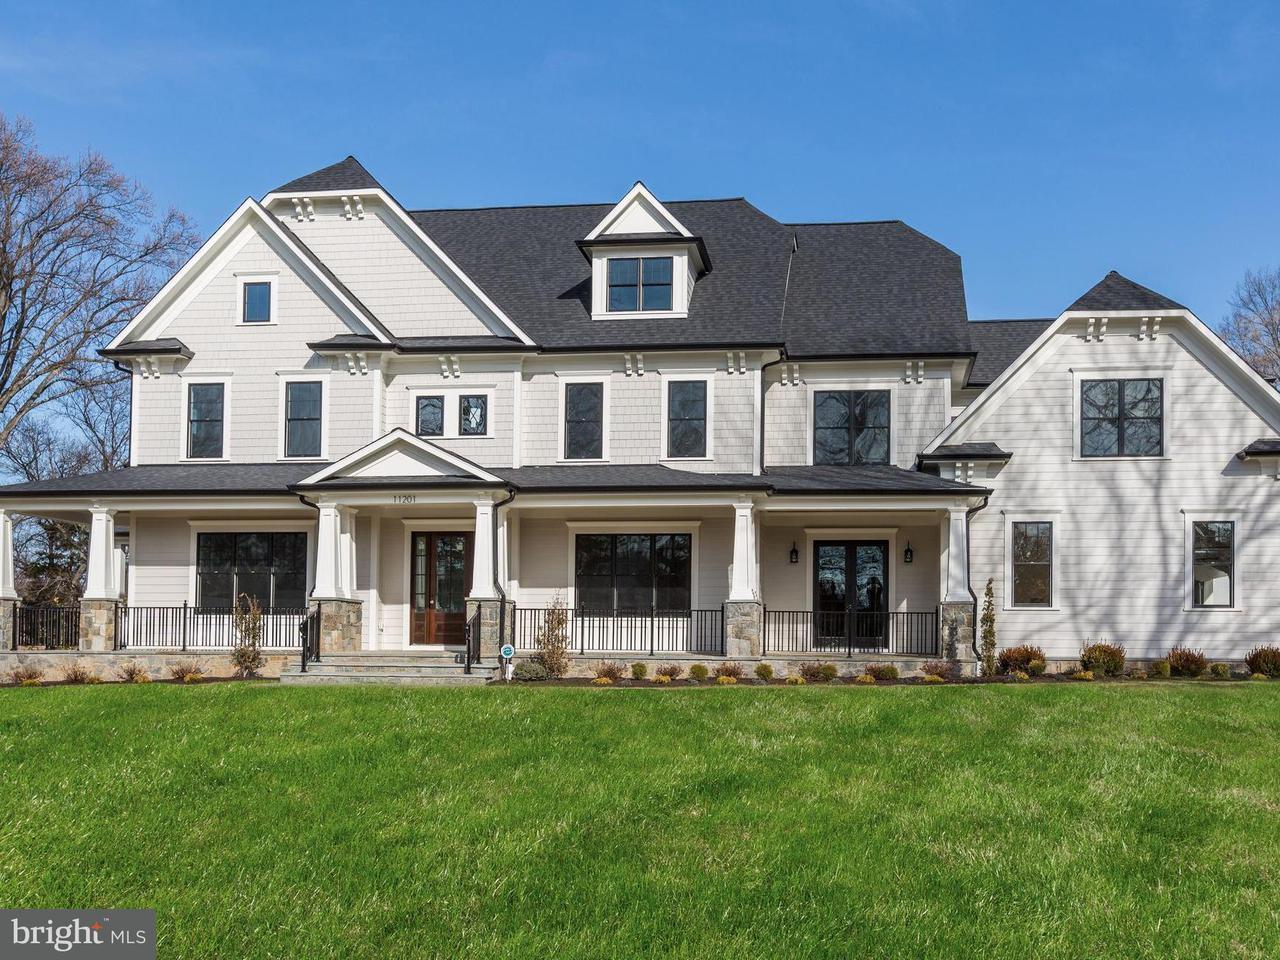 Μονοκατοικία για την Πώληση στο 11201 Stephalee Lane 11201 Stephalee Lane Rockville, Μεριλαντ 20852 Ηνωμενεσ Πολιτειεσ